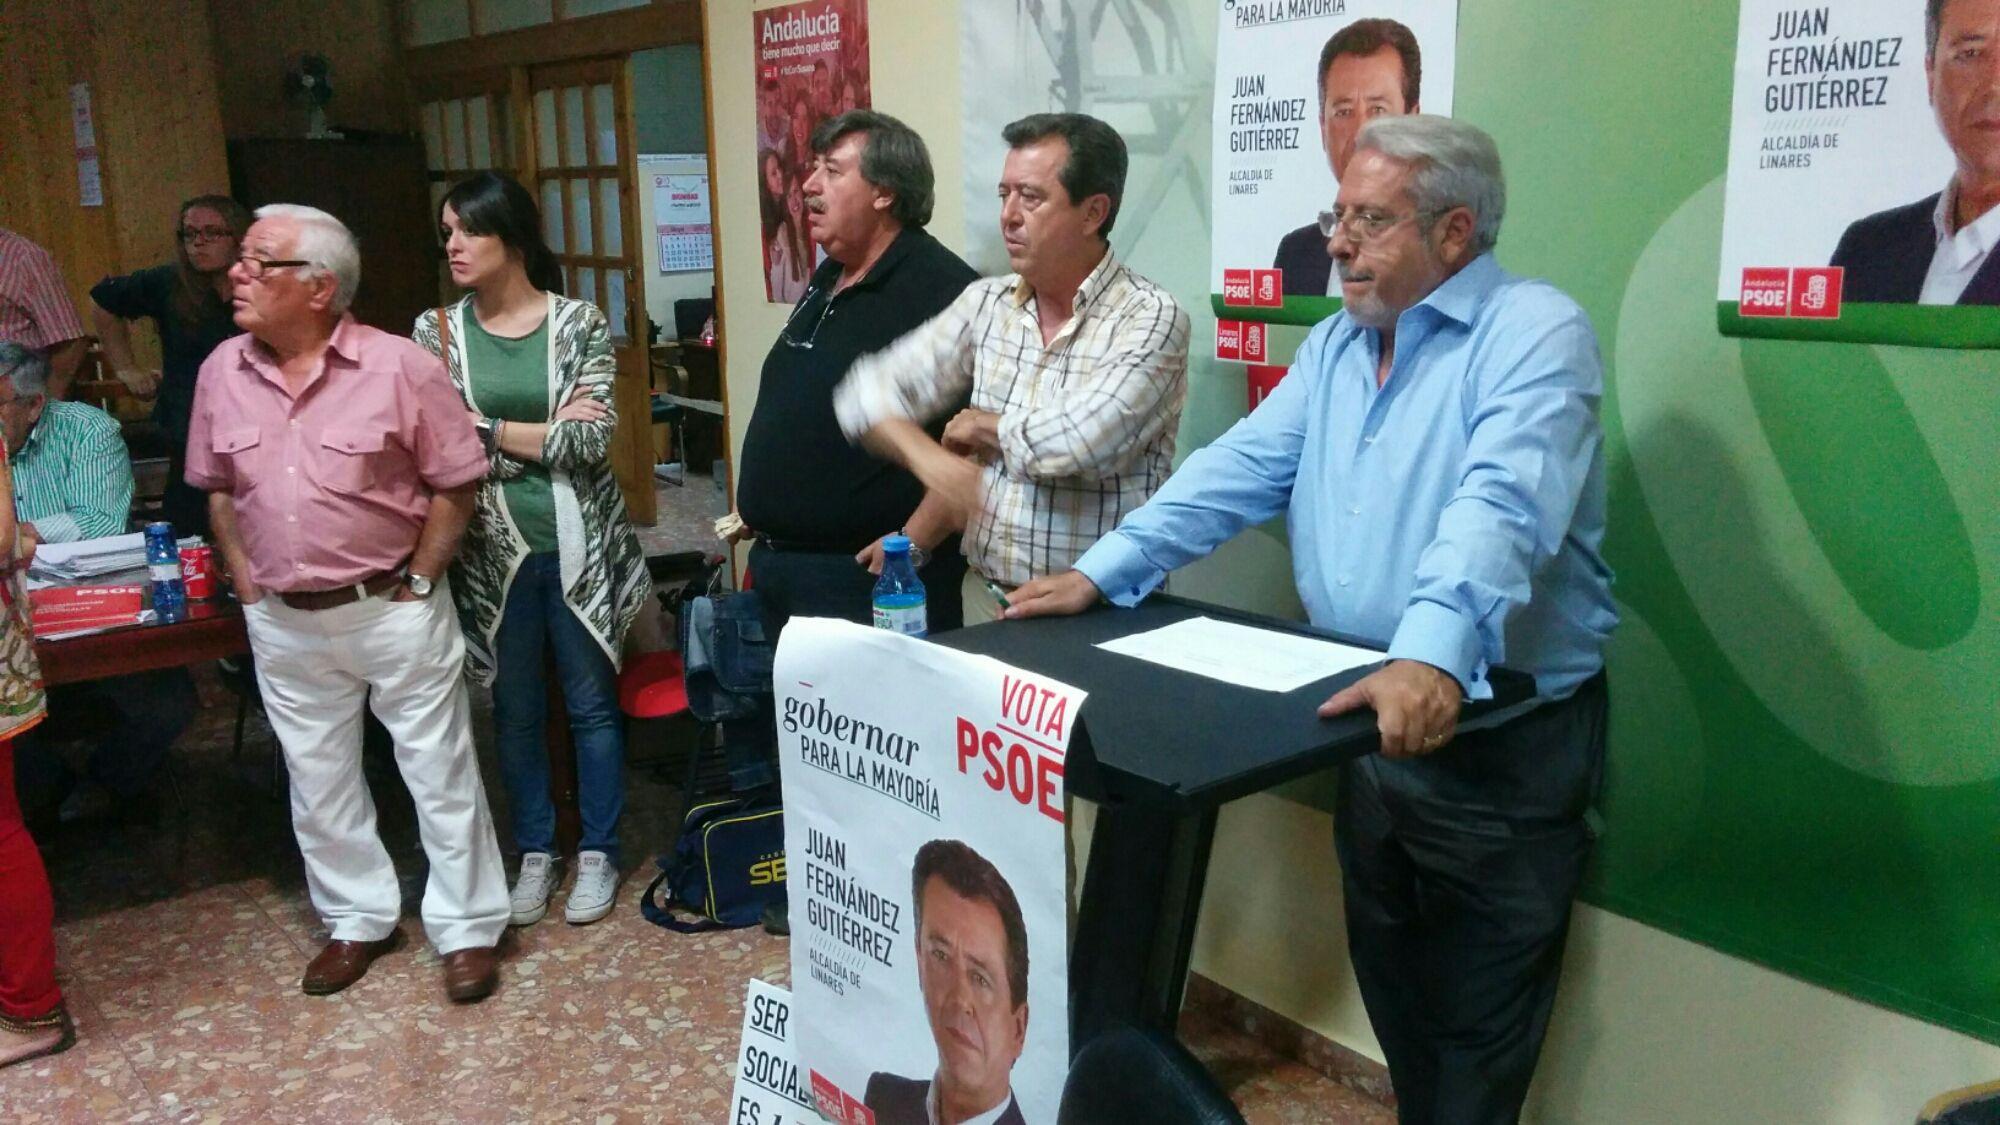 El PSOE gana las elecciones municipales en Linares